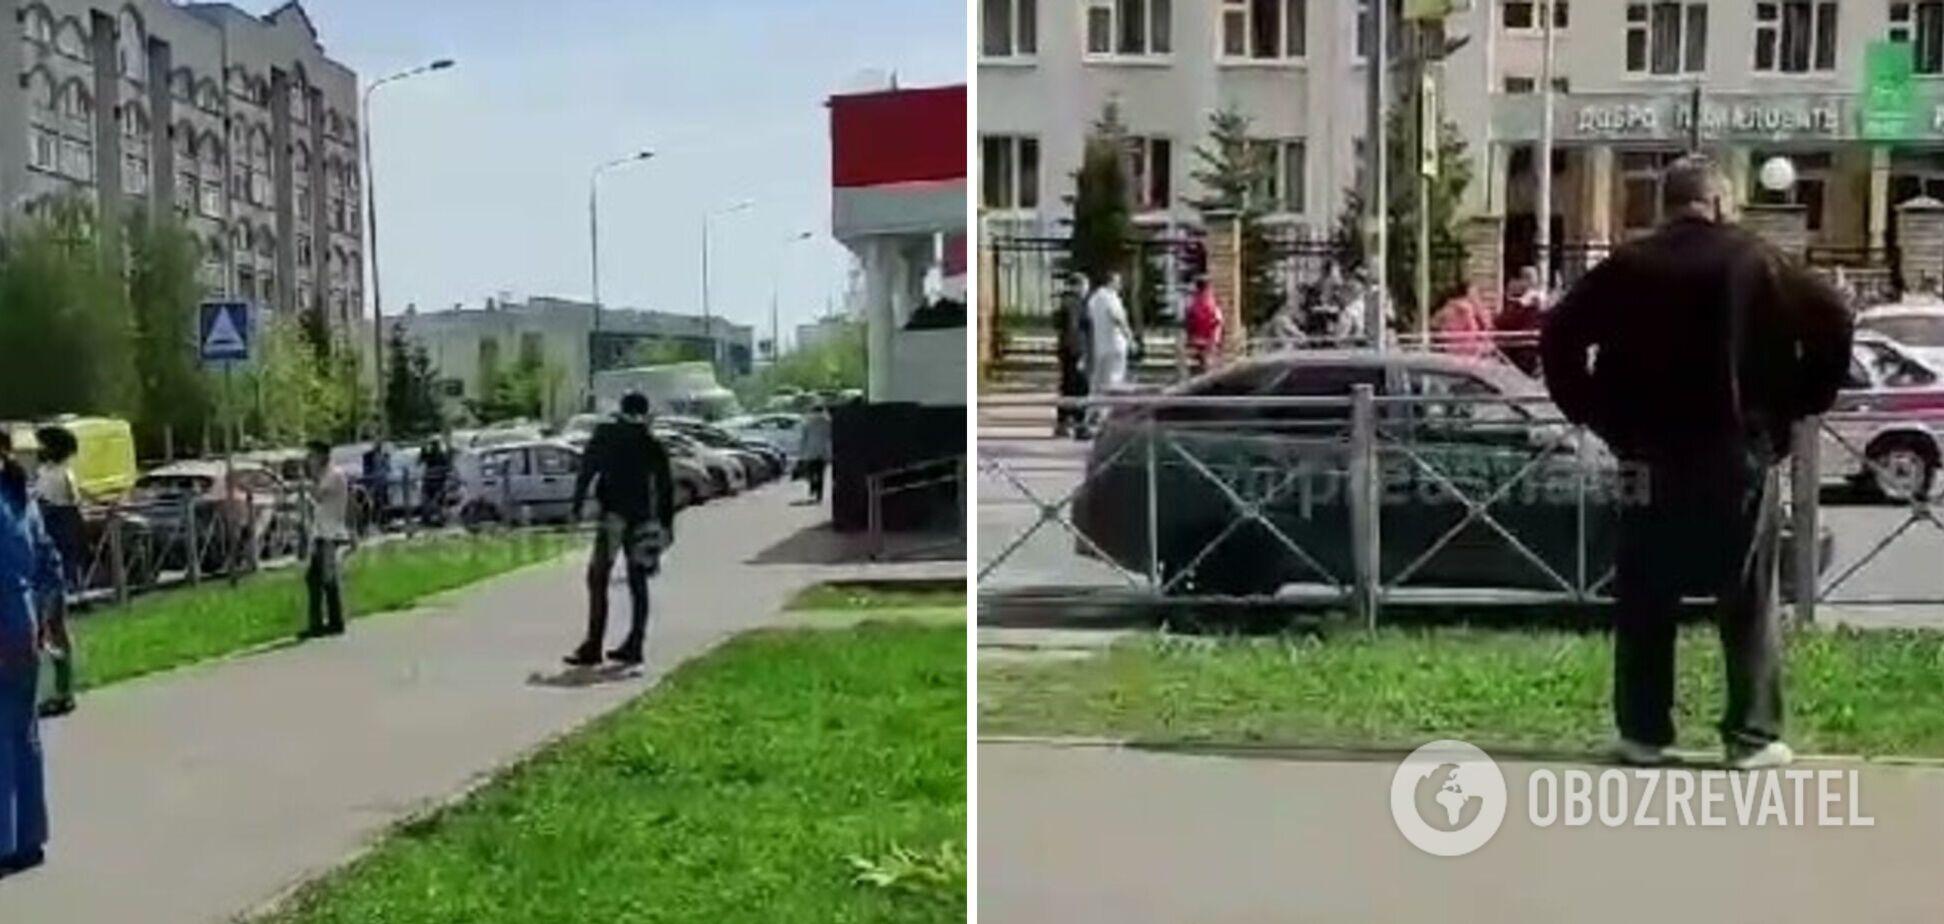 Роzстріл в Казані: важлива інформація для тих, у кого діти навчаються в школі